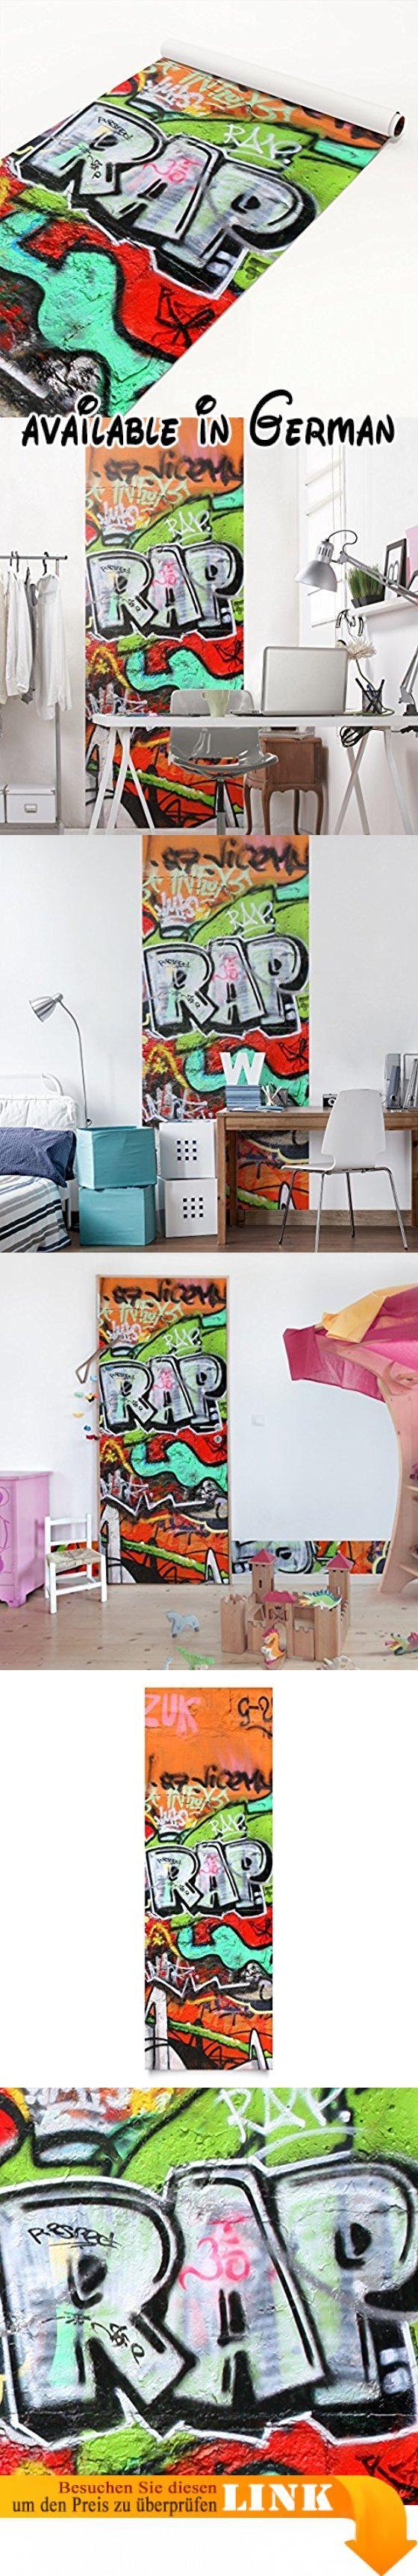 Klebefolie Kinderzimmer Graffiti Wall Selbstklebefolie